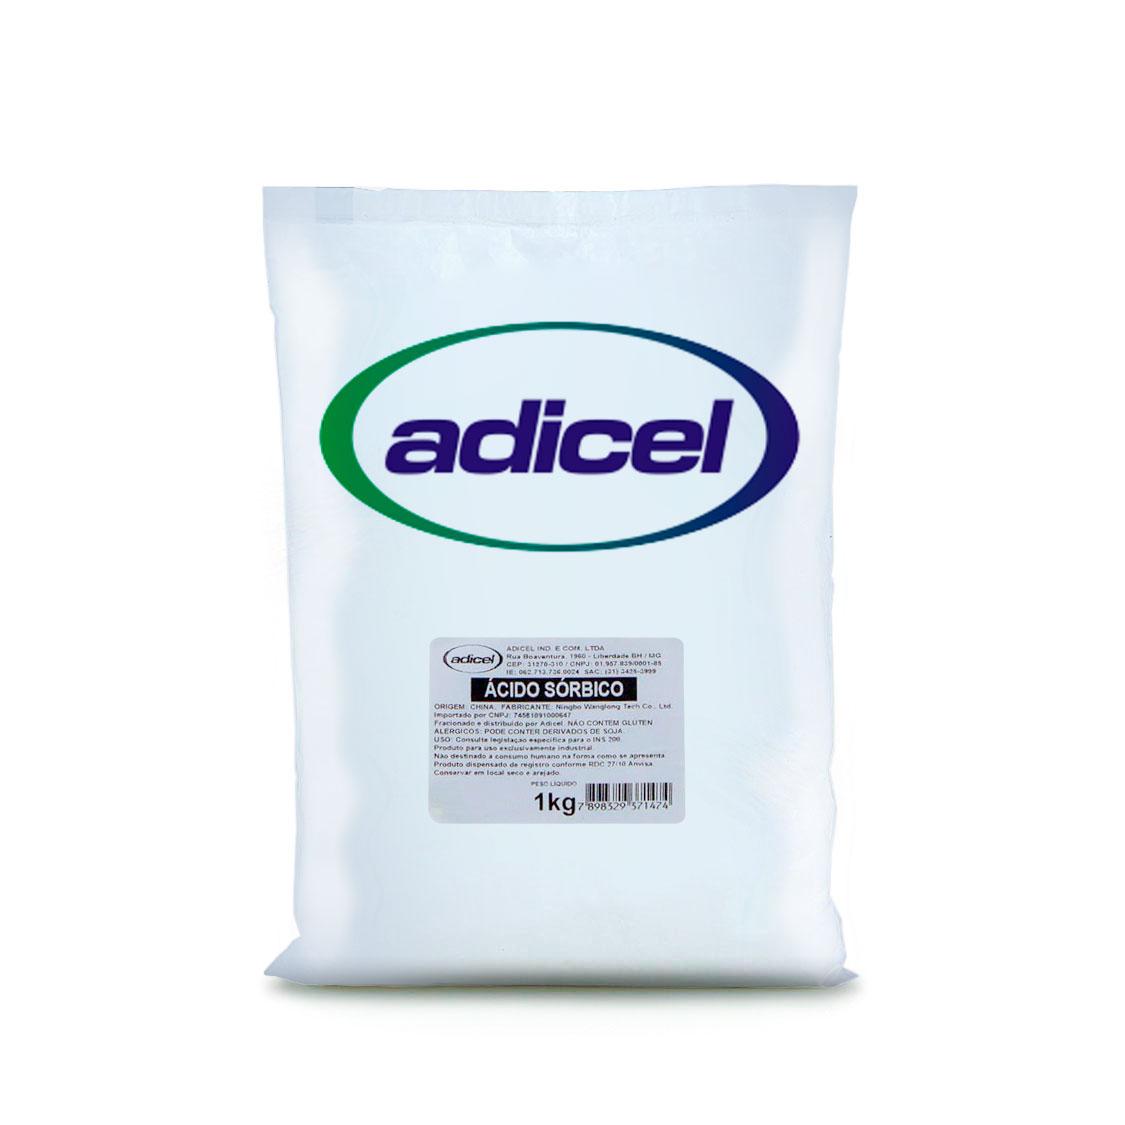 Ácido Sórbico - 1 kg